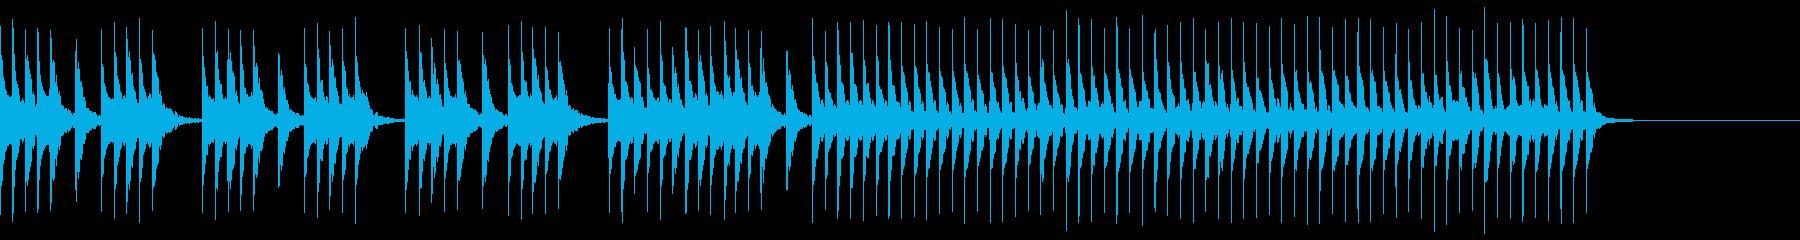 和楽器/三味線/和風フレーズ/#3の再生済みの波形